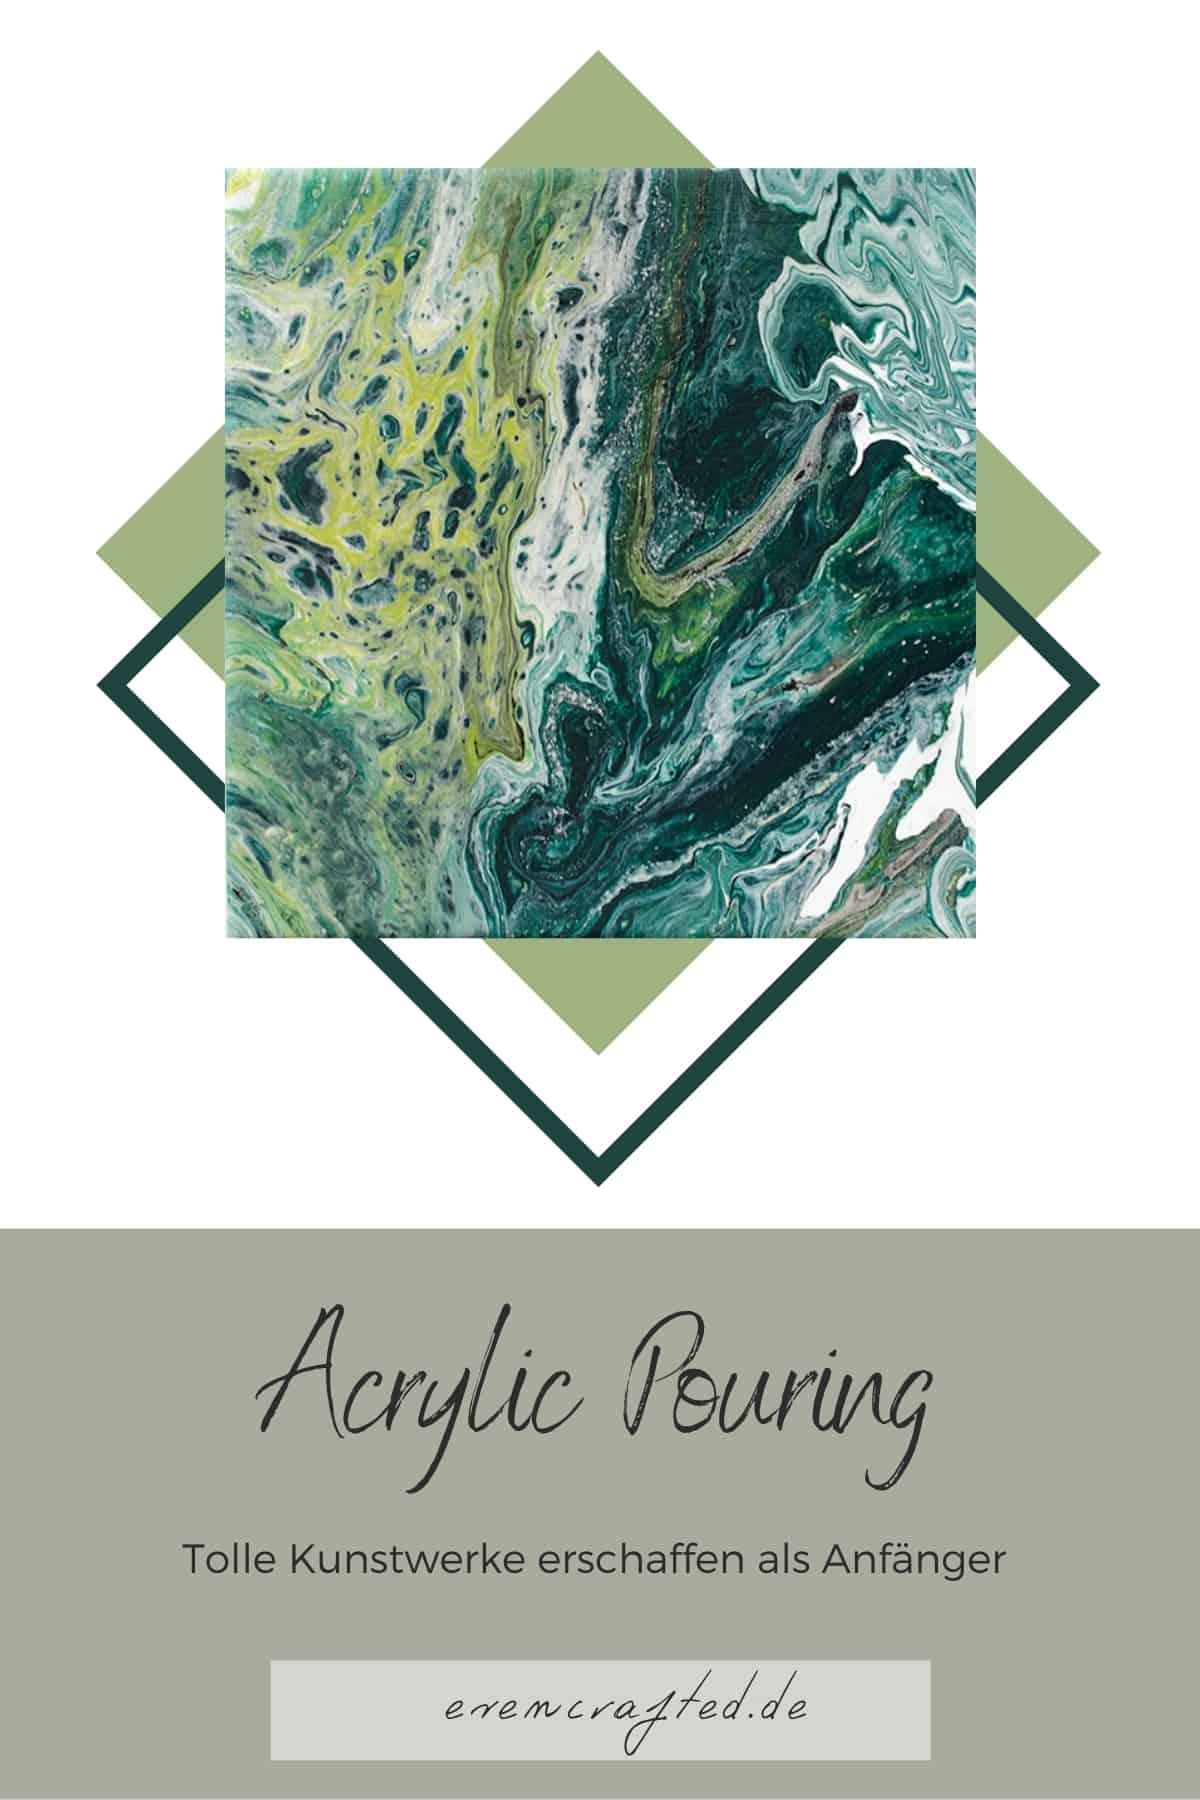 Malen mit Wasserfarbe - Spritzbilder als DIY Idee | evencrafted.de ♥ DIY & Naturkosmetik Blog